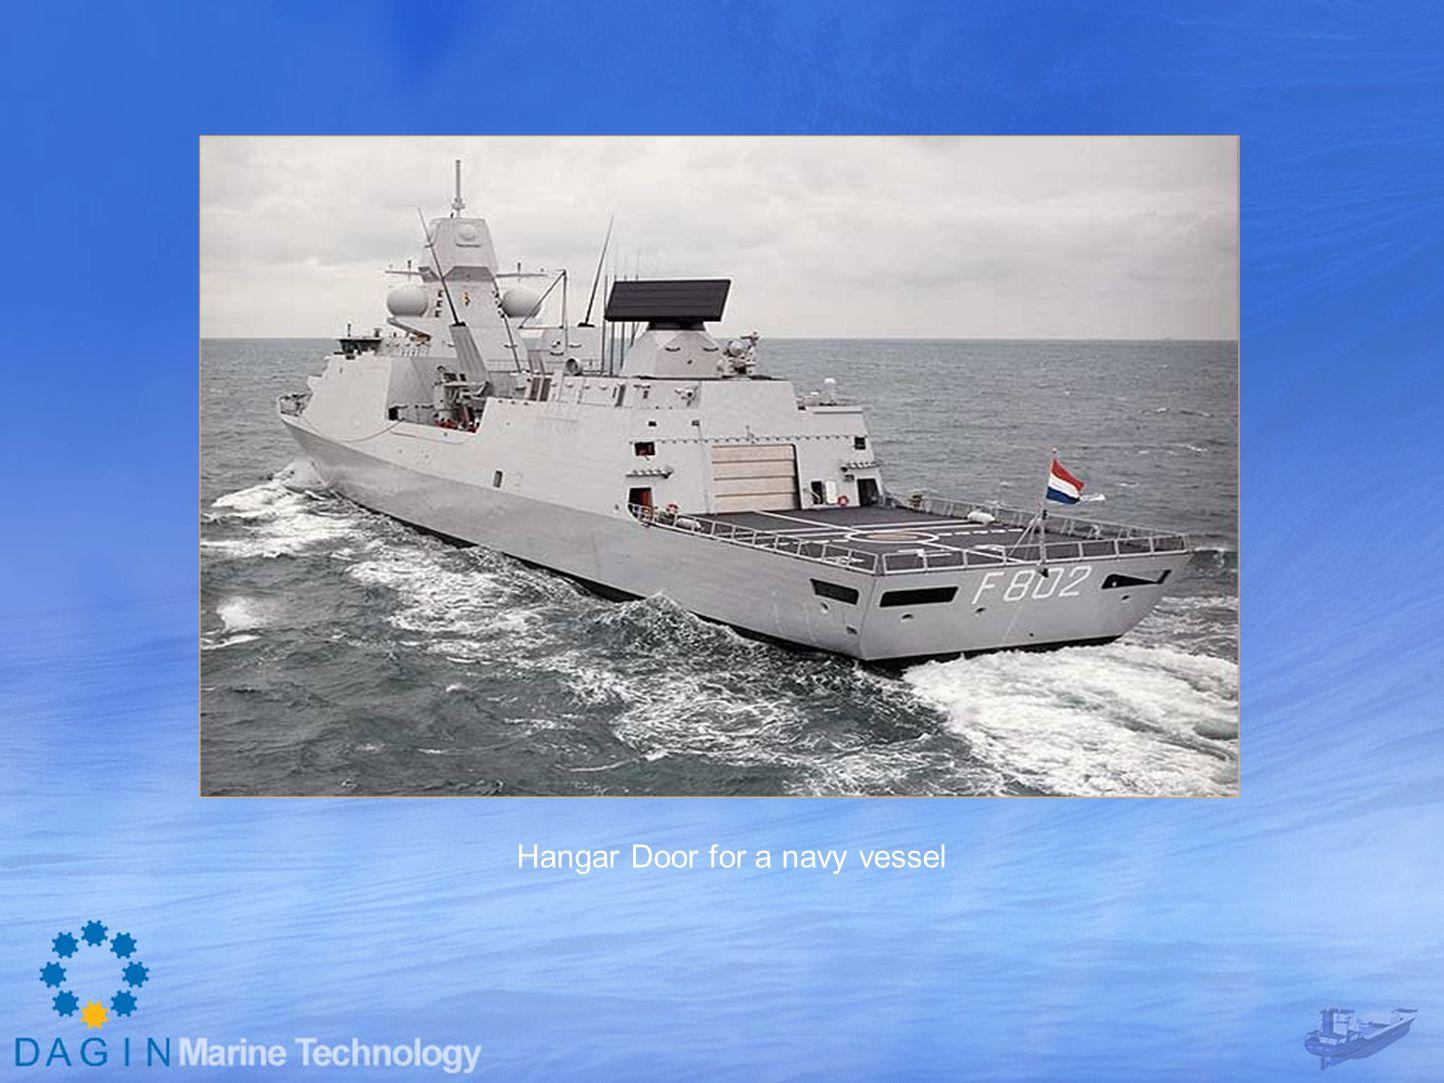 Hangar Door for a navy vessel